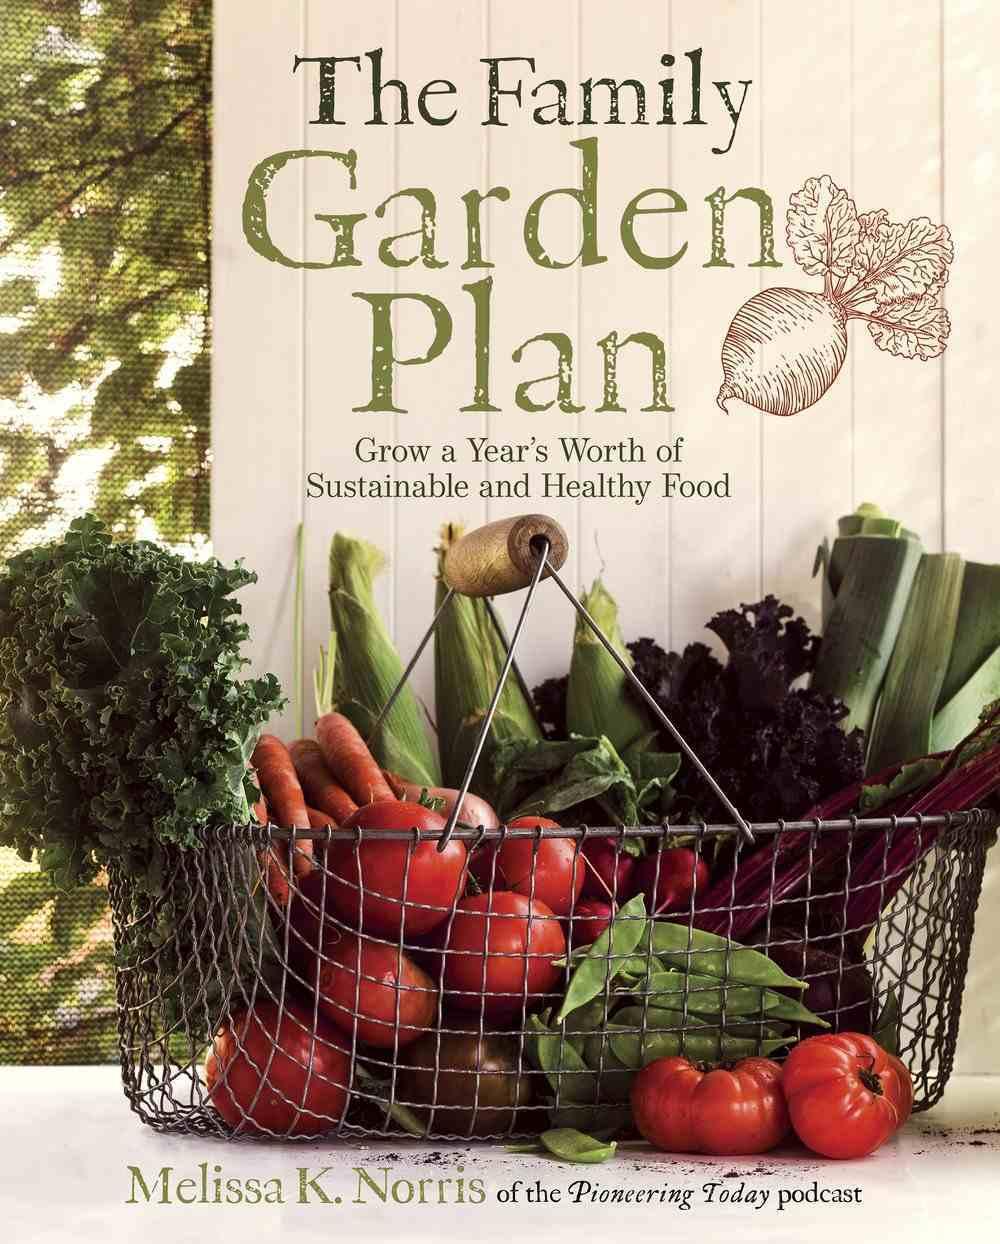 The Family Garden Plan eBook